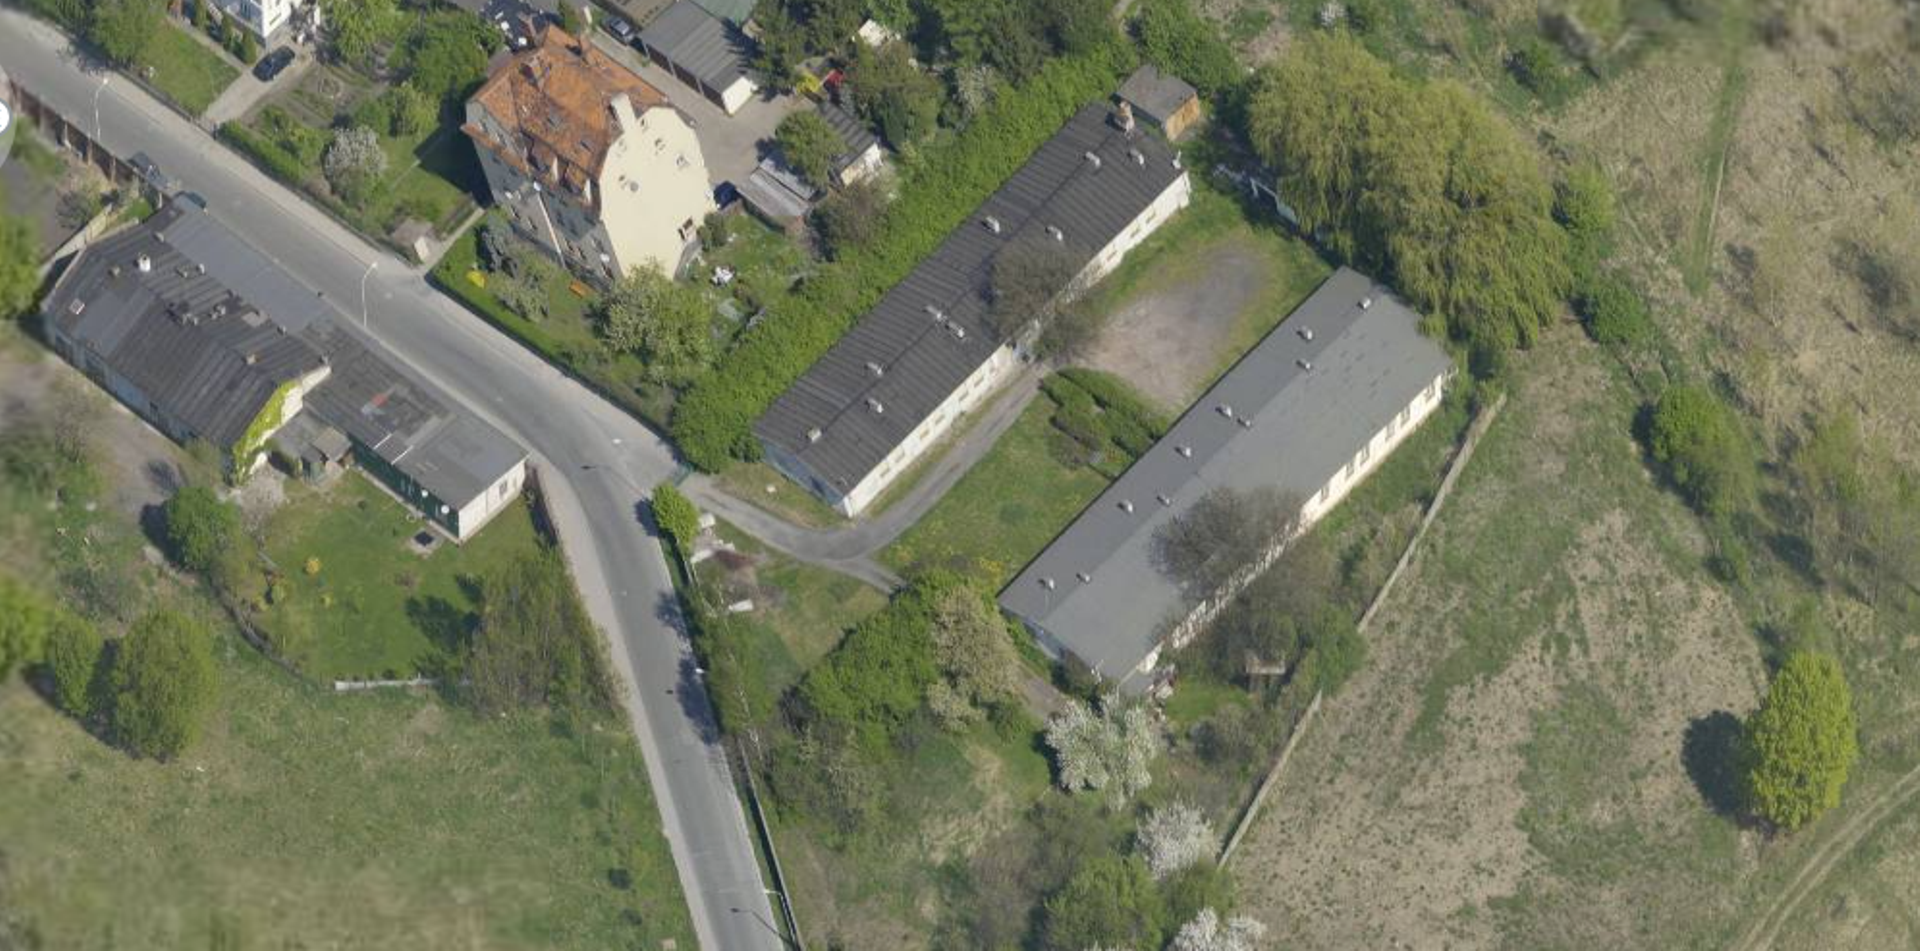 Wrocław: Vantage Development wybrał wykonawcę osiedla na Klecinie. Umowa na blisko 16 mln zł netto